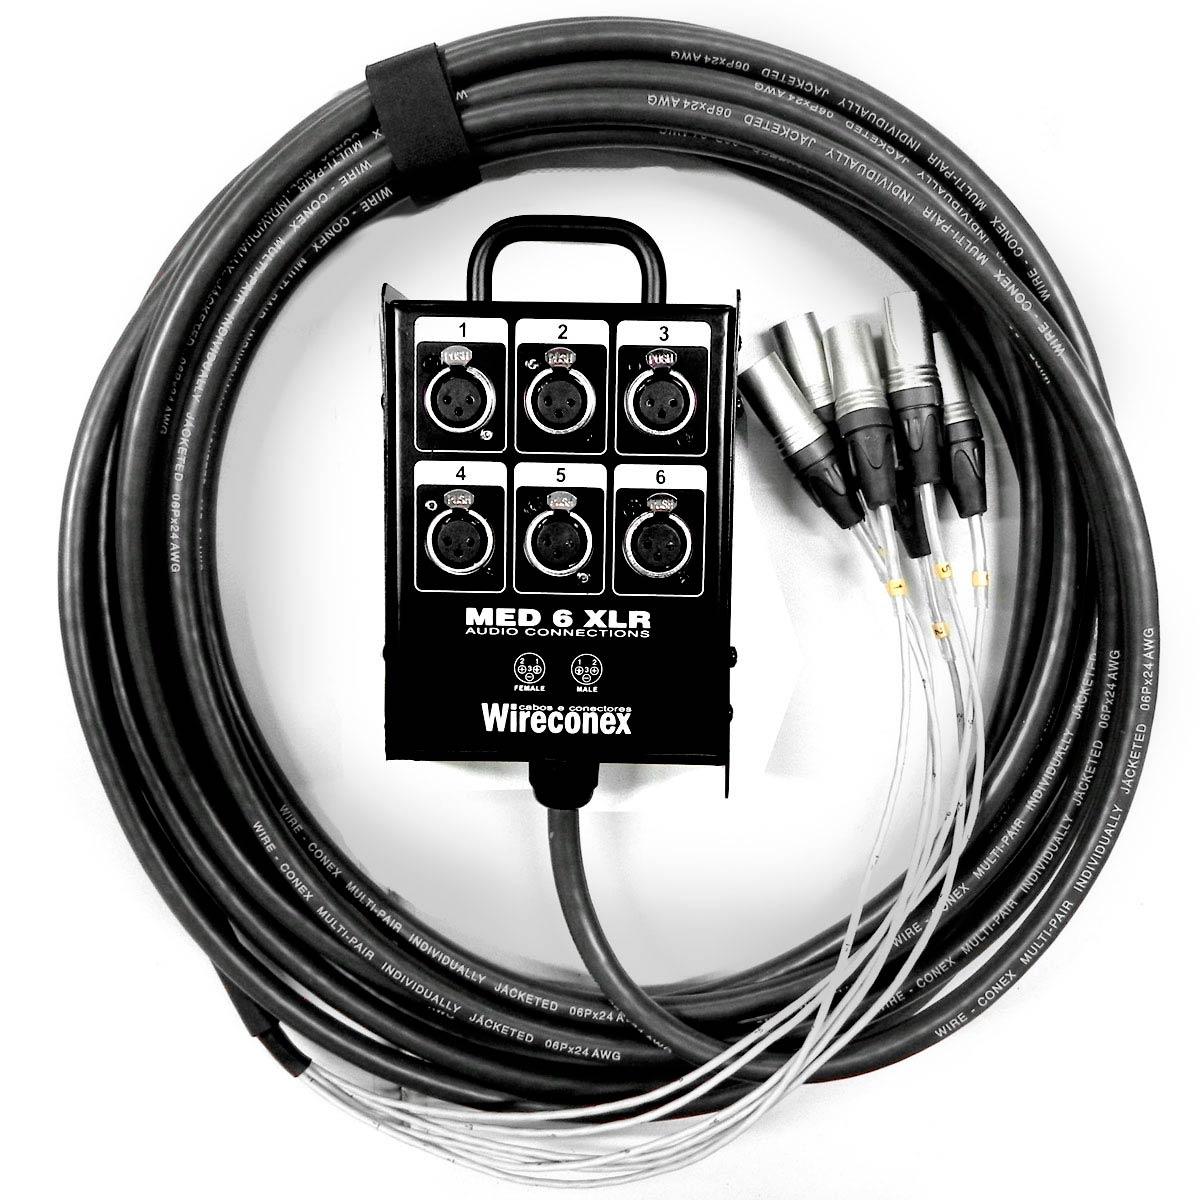 Multicabo Completo 6 Vias XLR ( Balanceado ) c/ Trava 5 Metros - Wireconex